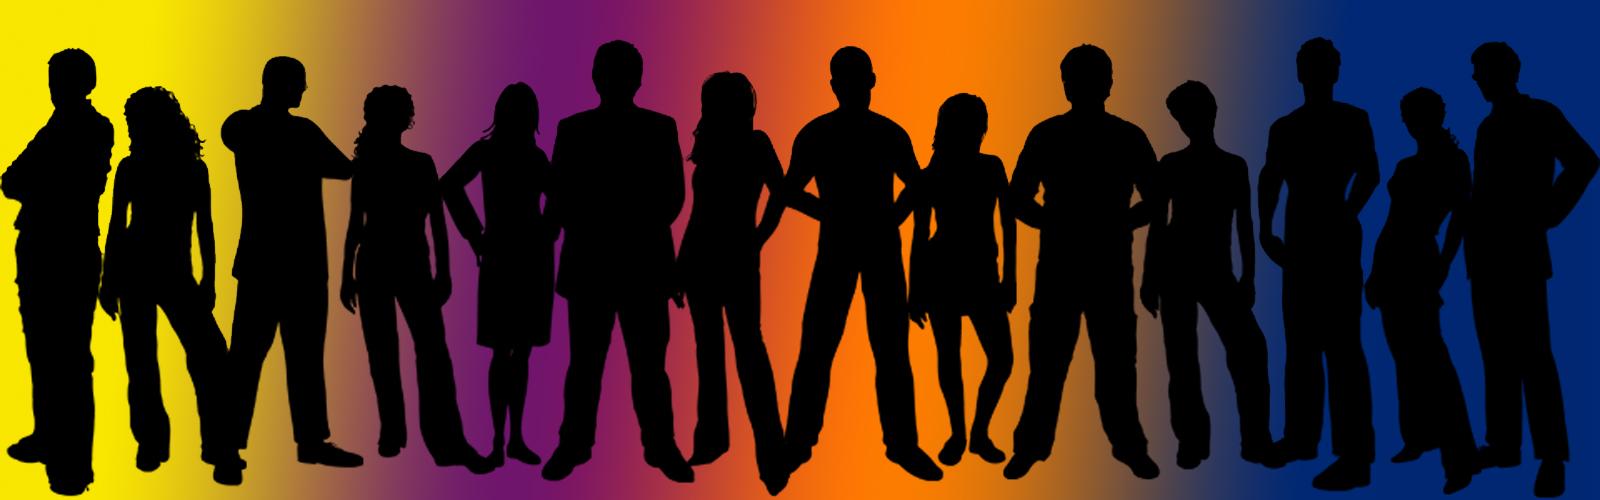 Une revitalisation de l'Initiative d'engagement jeunesse veut amplifier la voix des jeunes au N-B